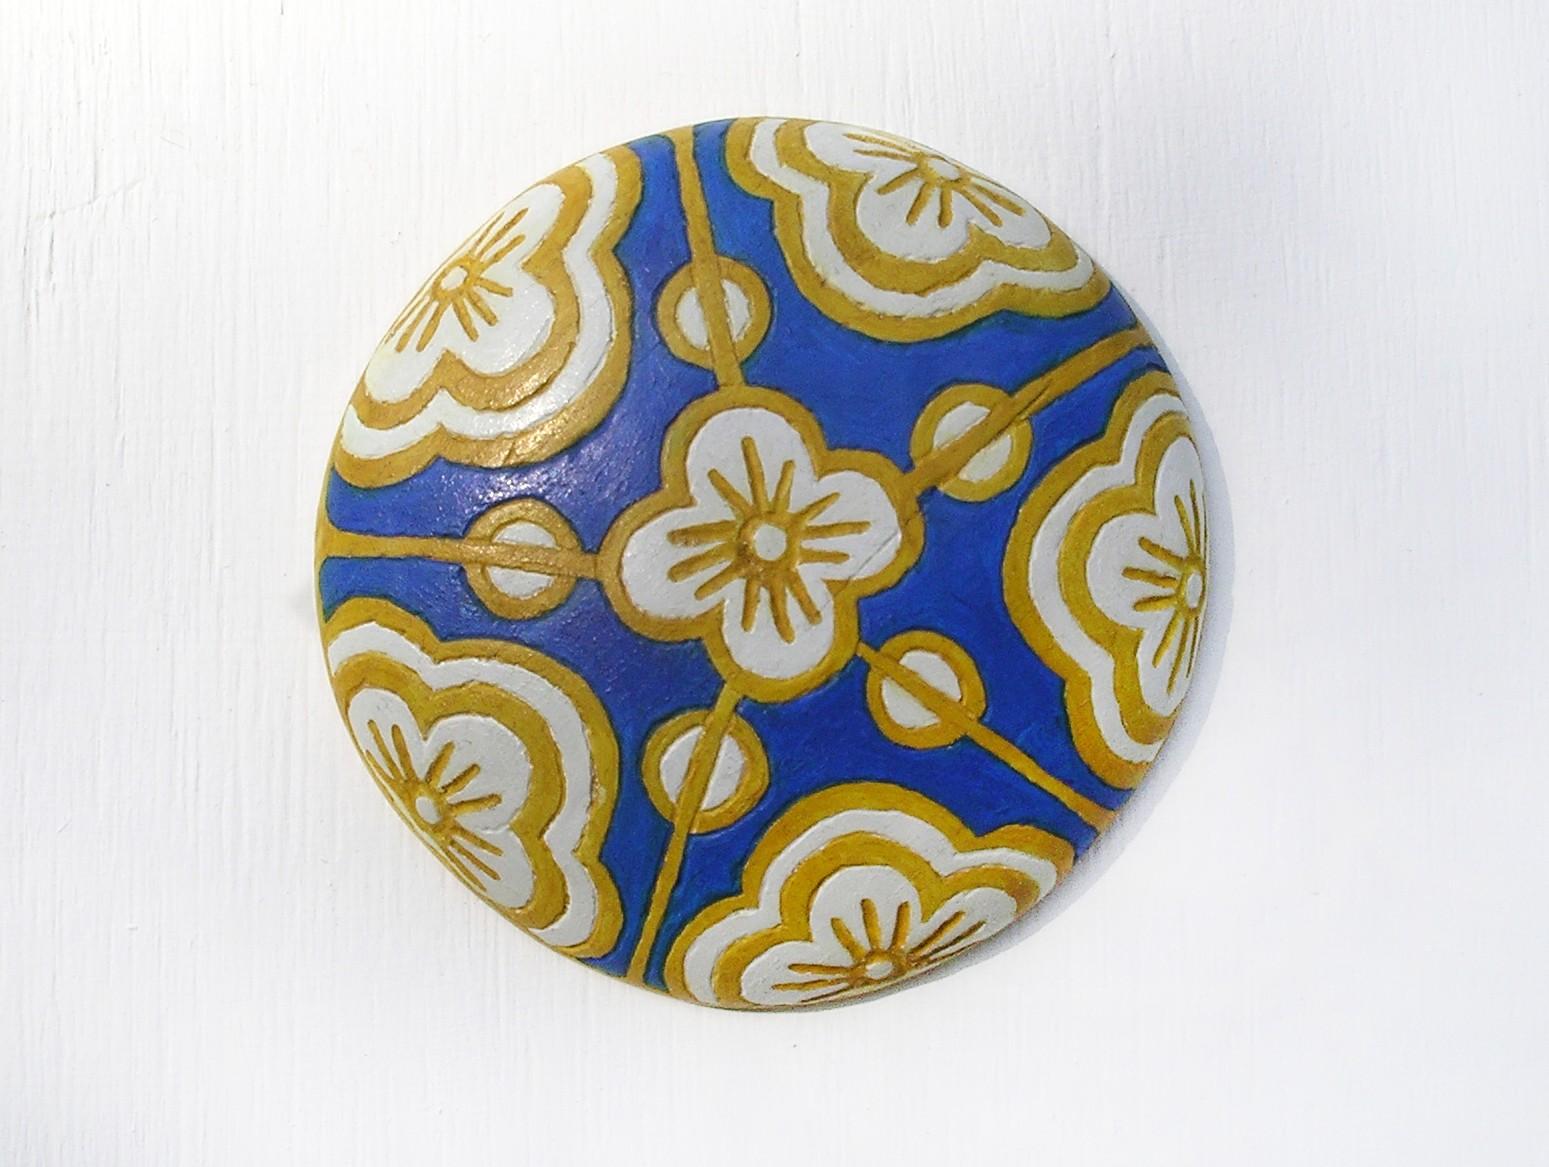 Jackie McNamee, Floral Rondel 2, Ash wood relief, 12 x 12 x 3cm, 2015